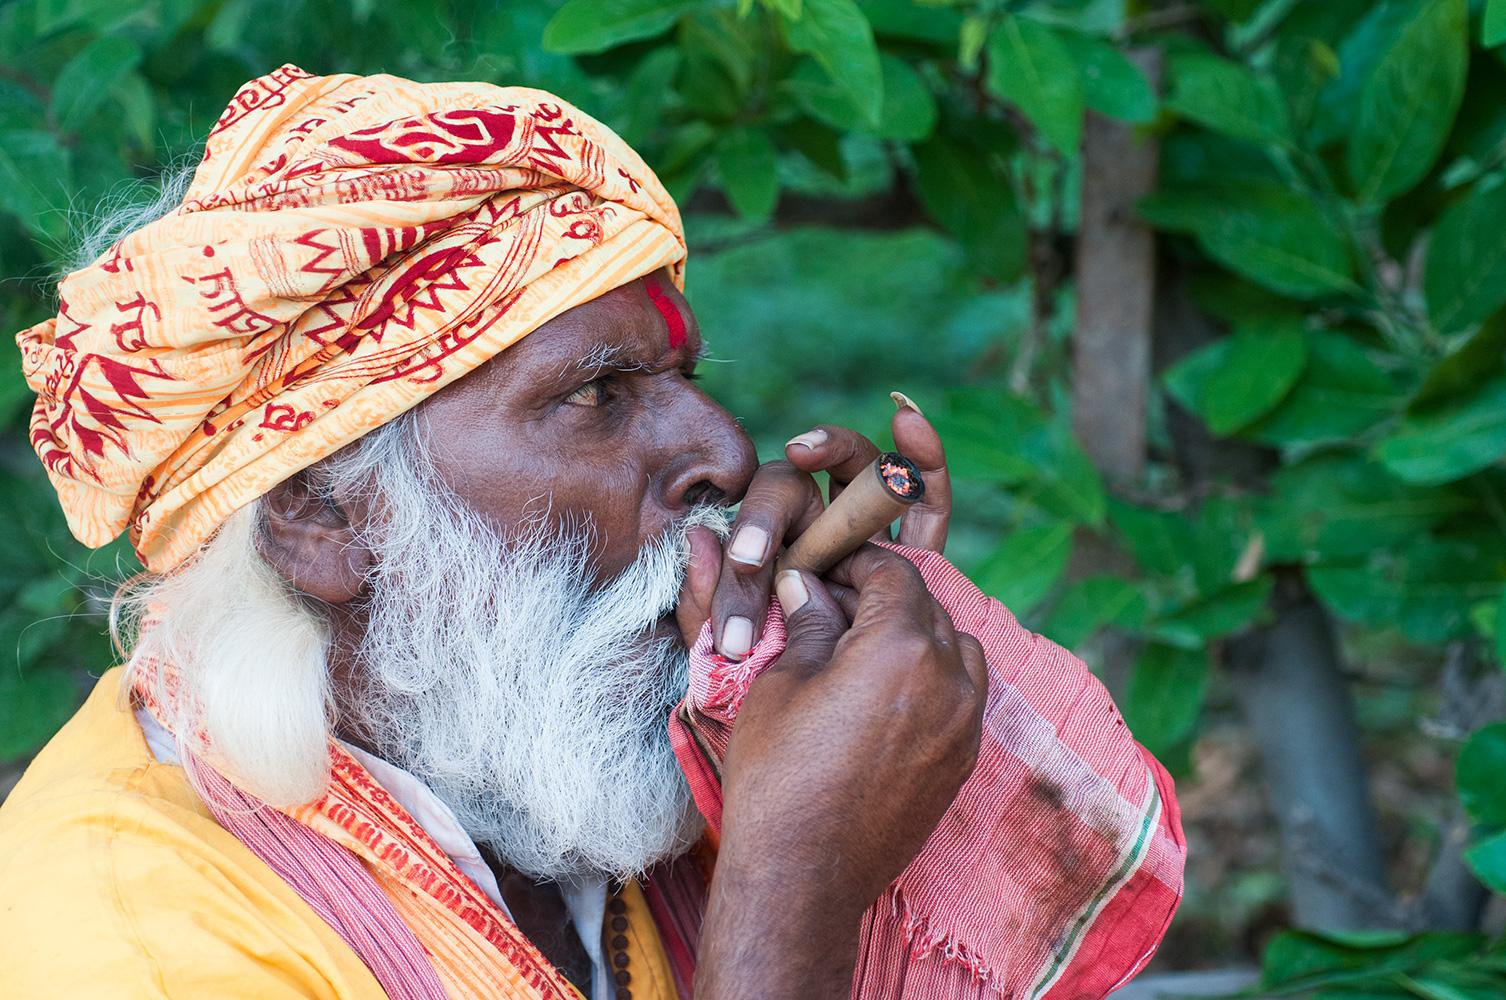 Sadhu smoking his chillum at Rishikesh, Uttarakhand